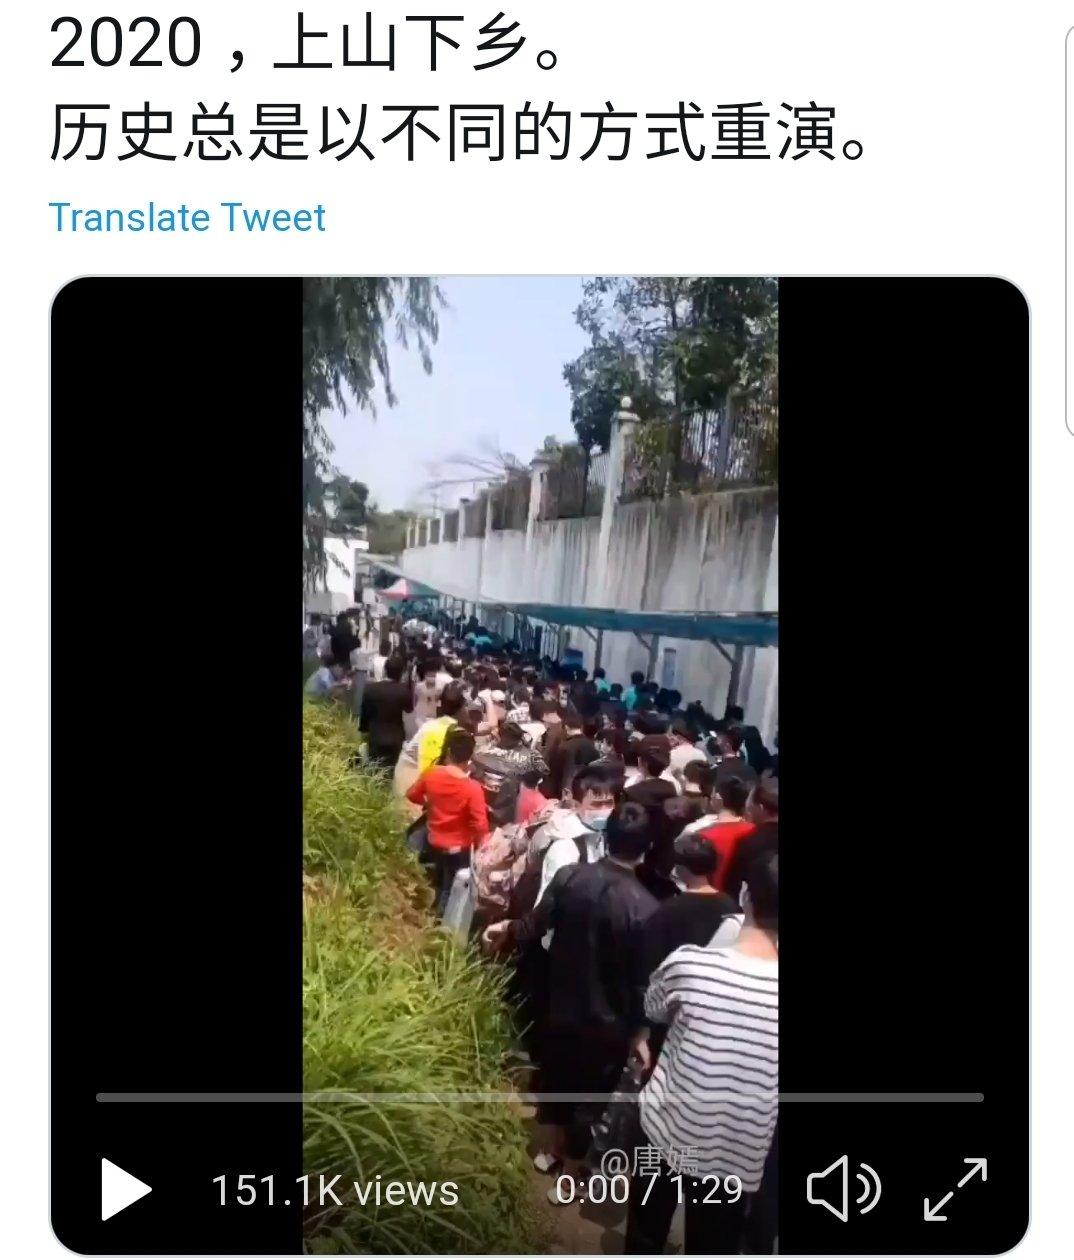 中共宣傳「返鄉創業」 學者:荒誕、笑話!|大紀元時報 香港|獨立敢言的良心媒體